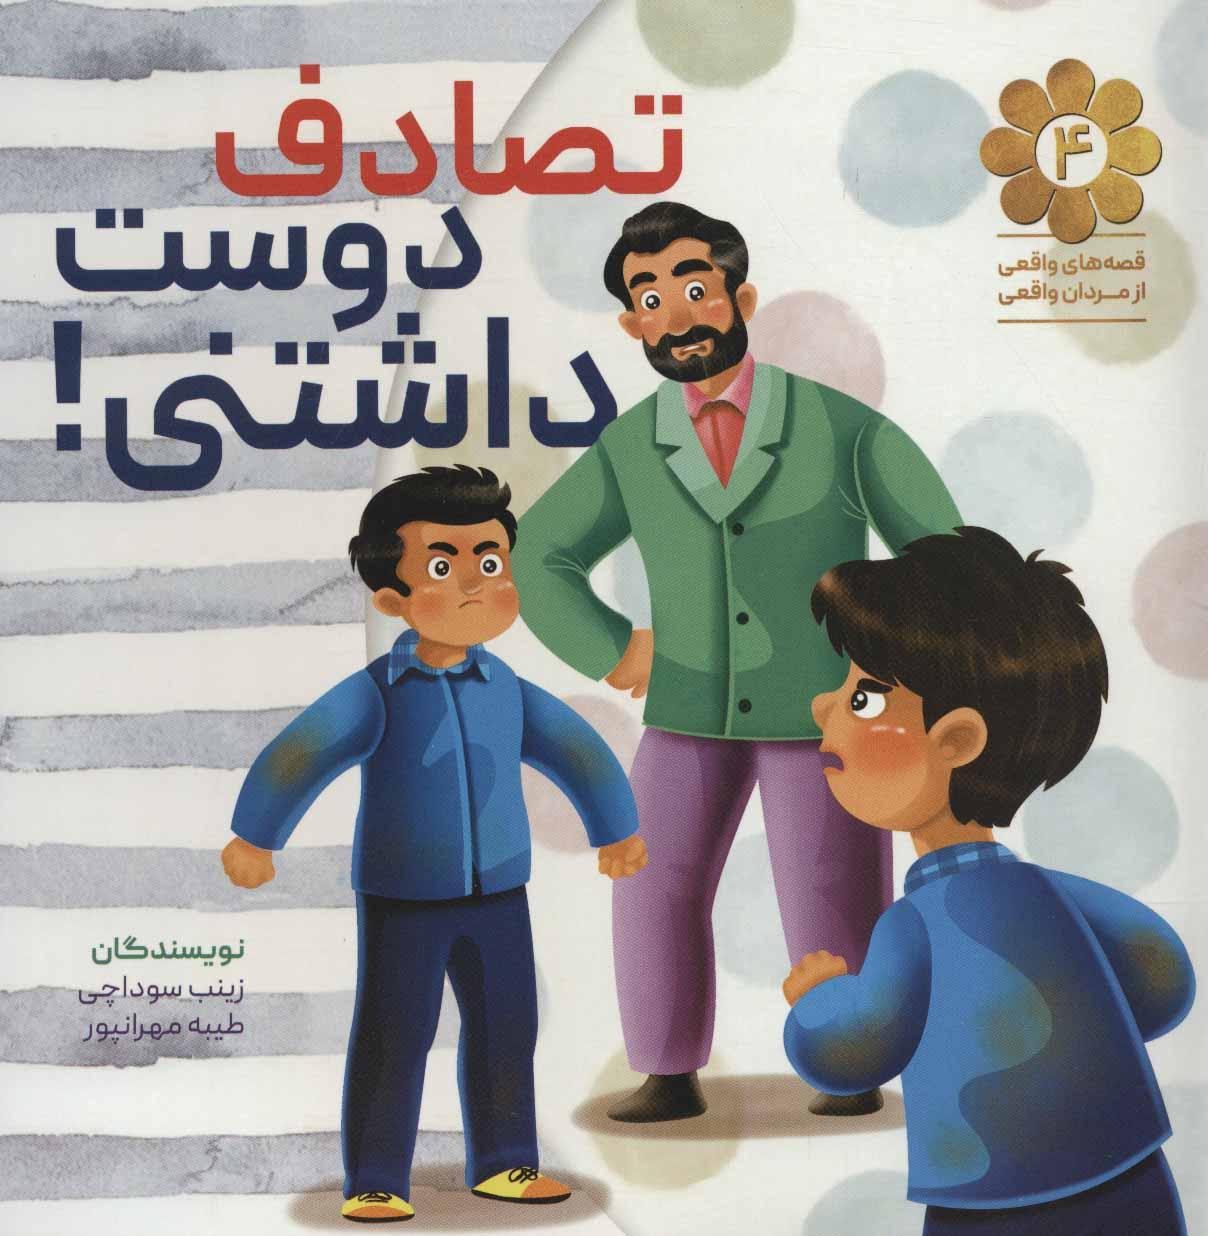 کتاب تصادف دوست داشتنی!